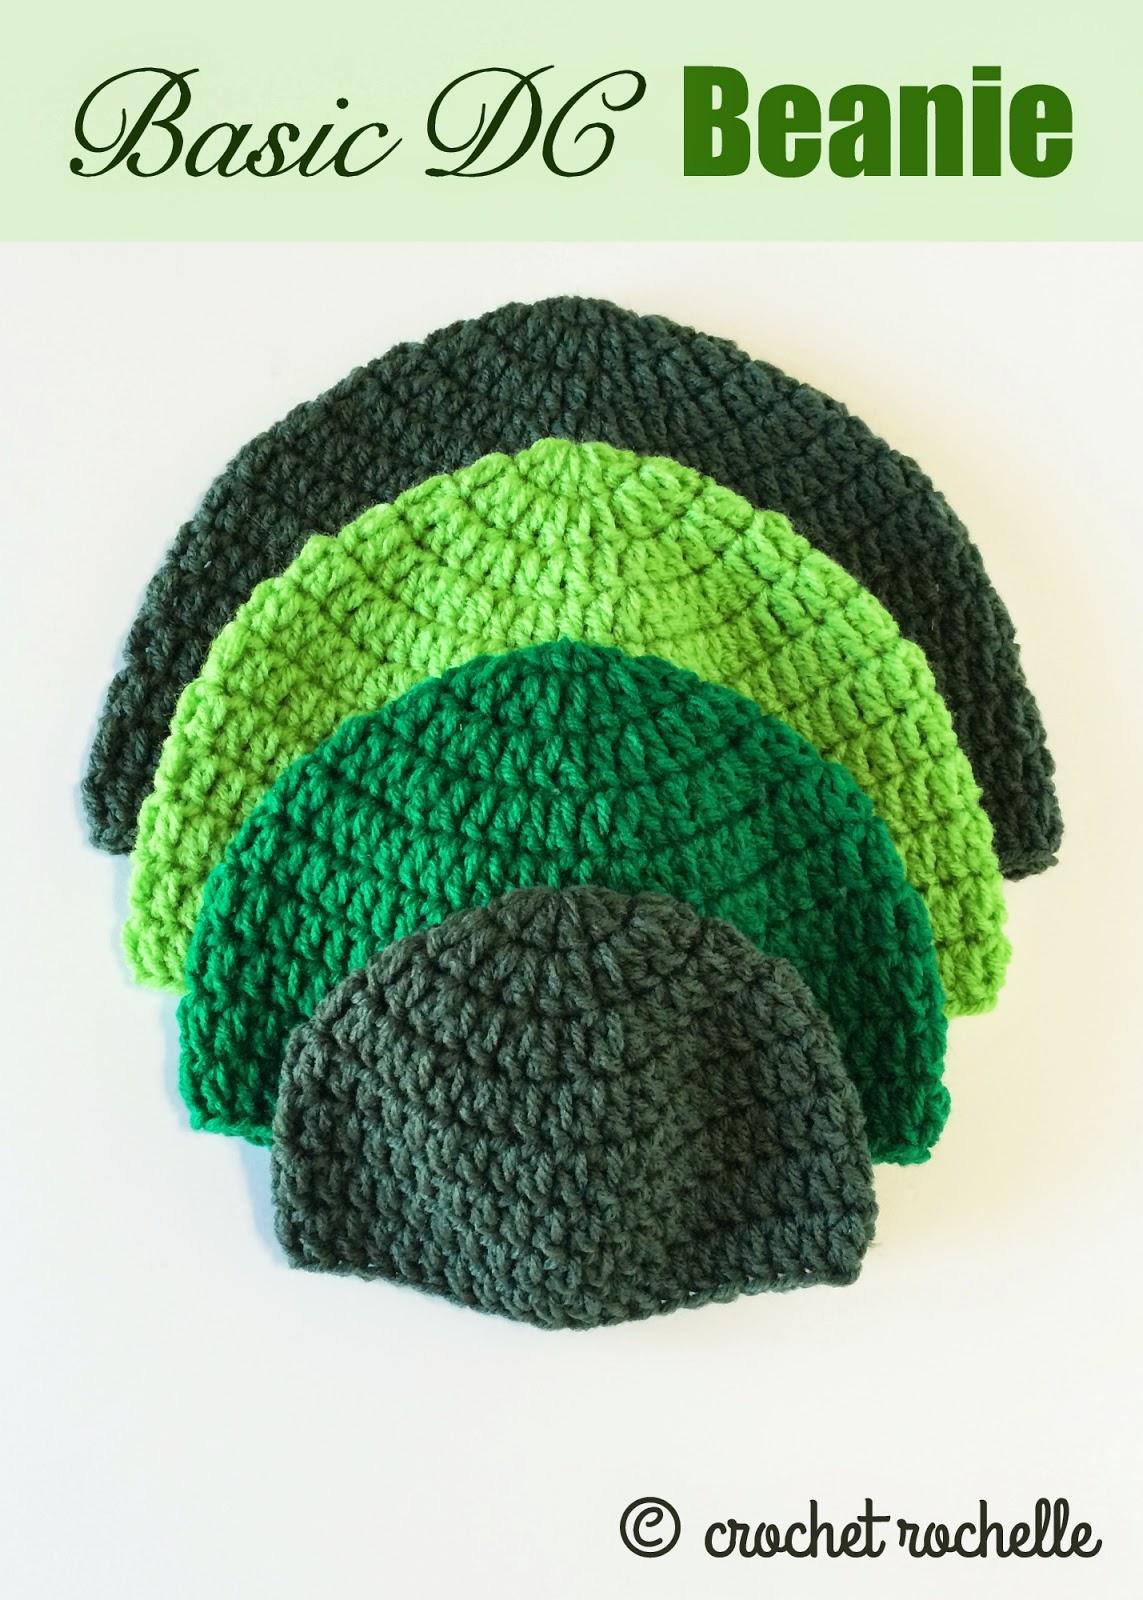 Crochet Rochelle  Basic DC Beanie Pattern f88a9503ecf